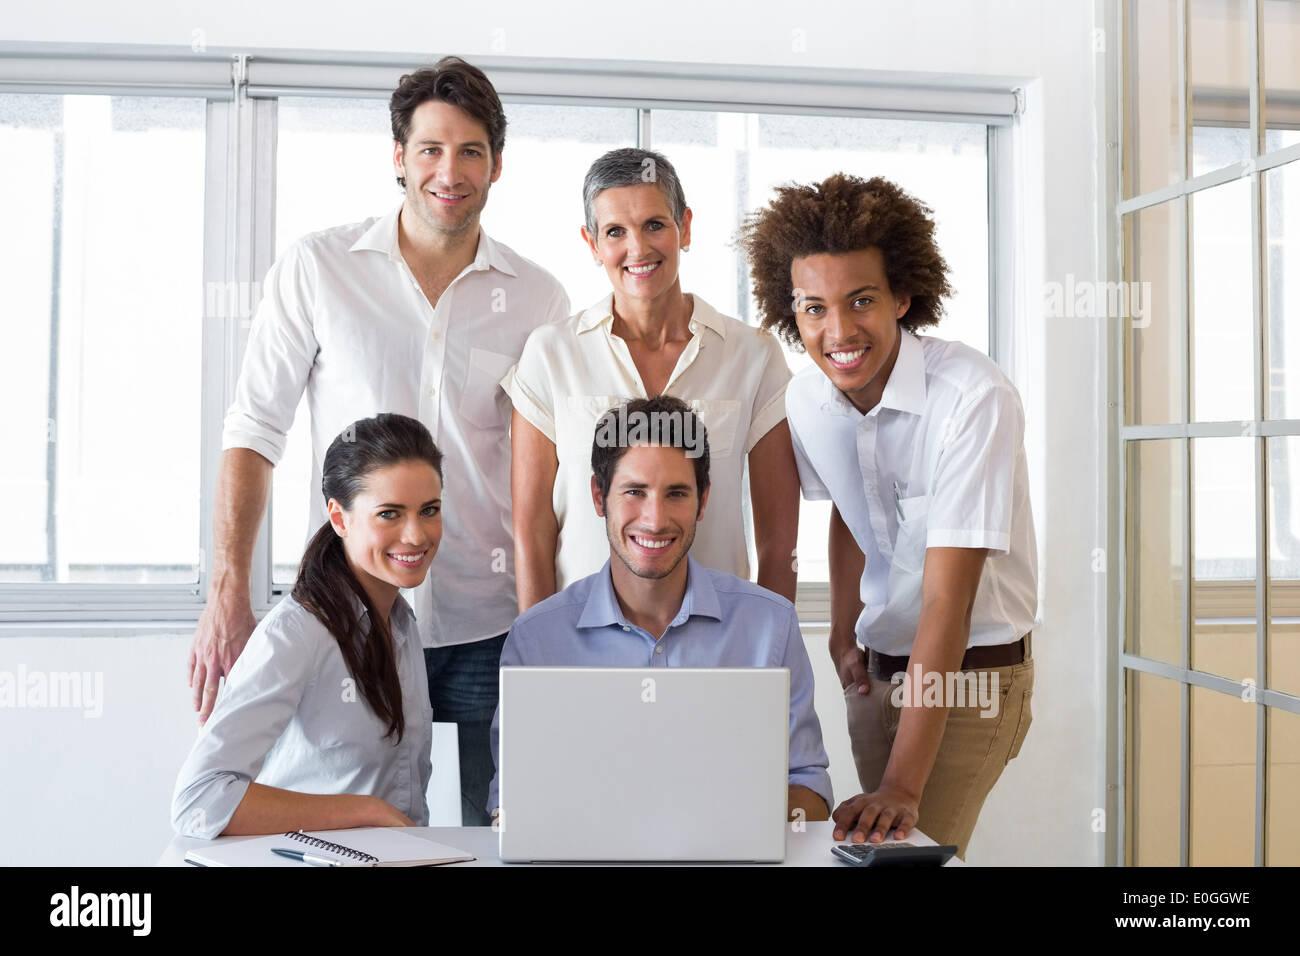 Aziendale attraente persone sorridenti sul posto di lavoro Immagini Stock